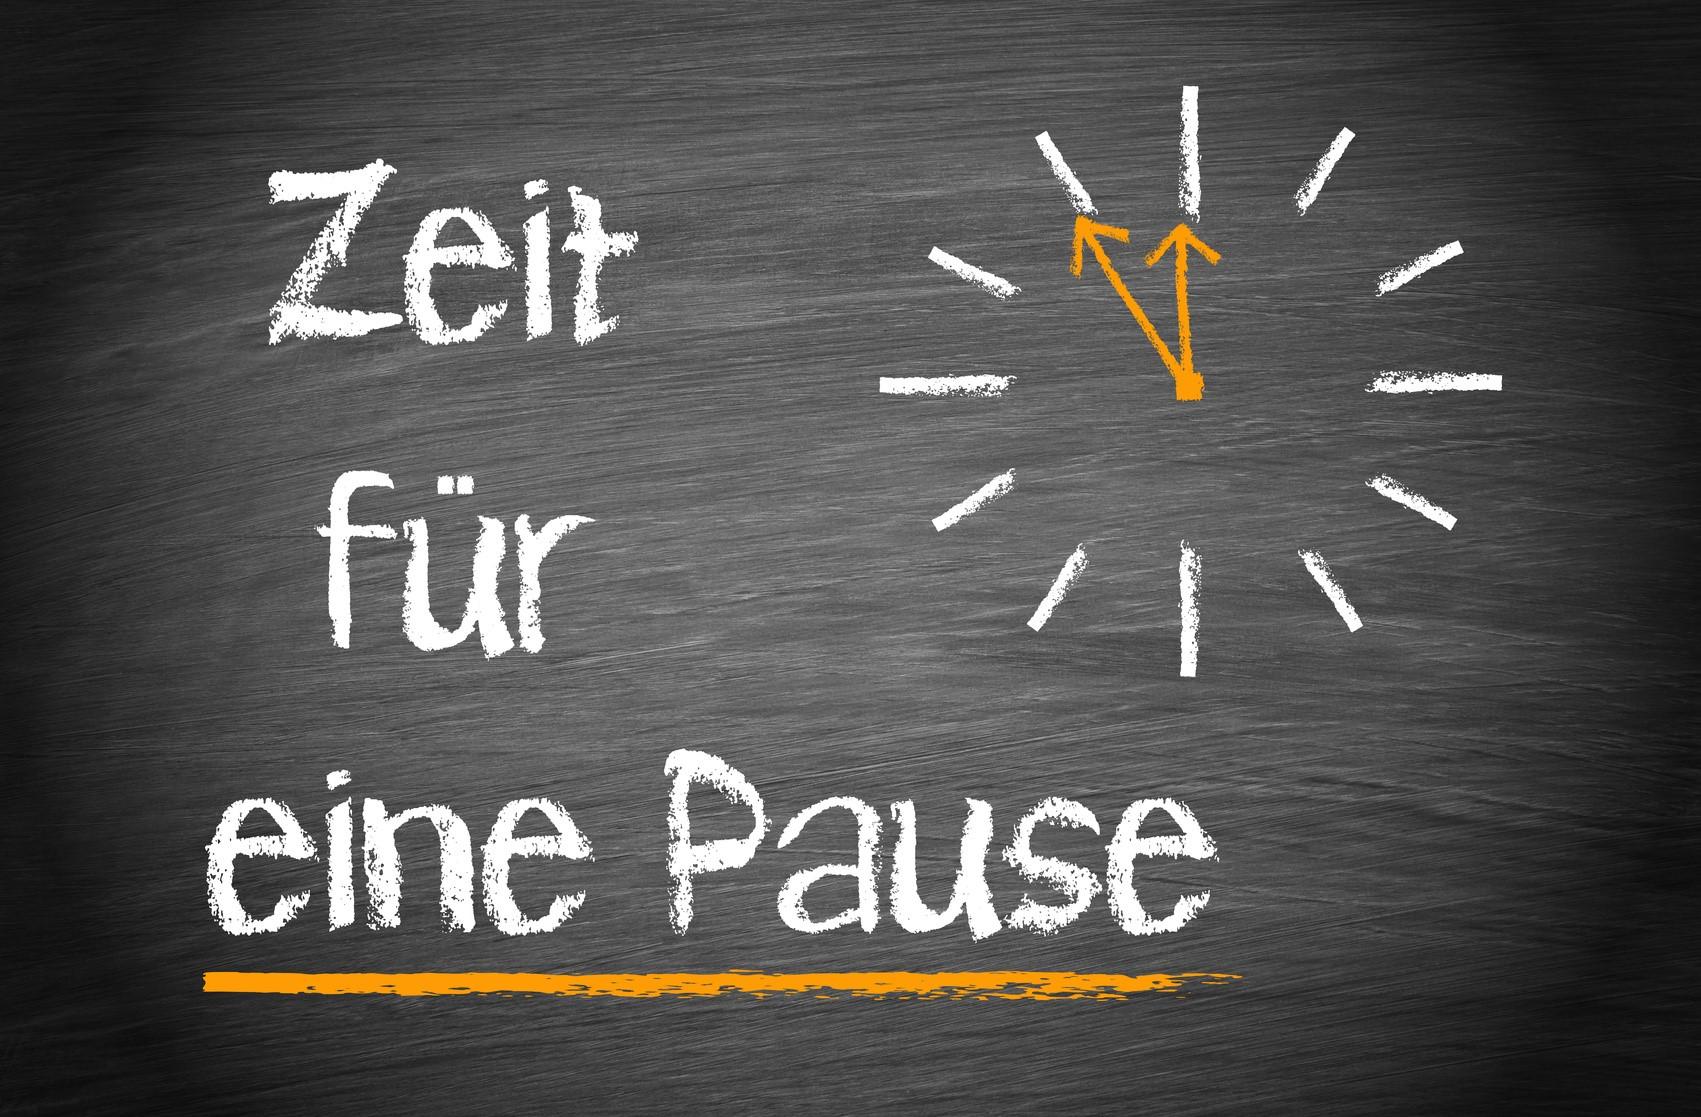 Quelle: https://entspannung-fuer-dich.de/wp-content/uploads/2019/04/Zeit-fuer-eine-Pause.jpg